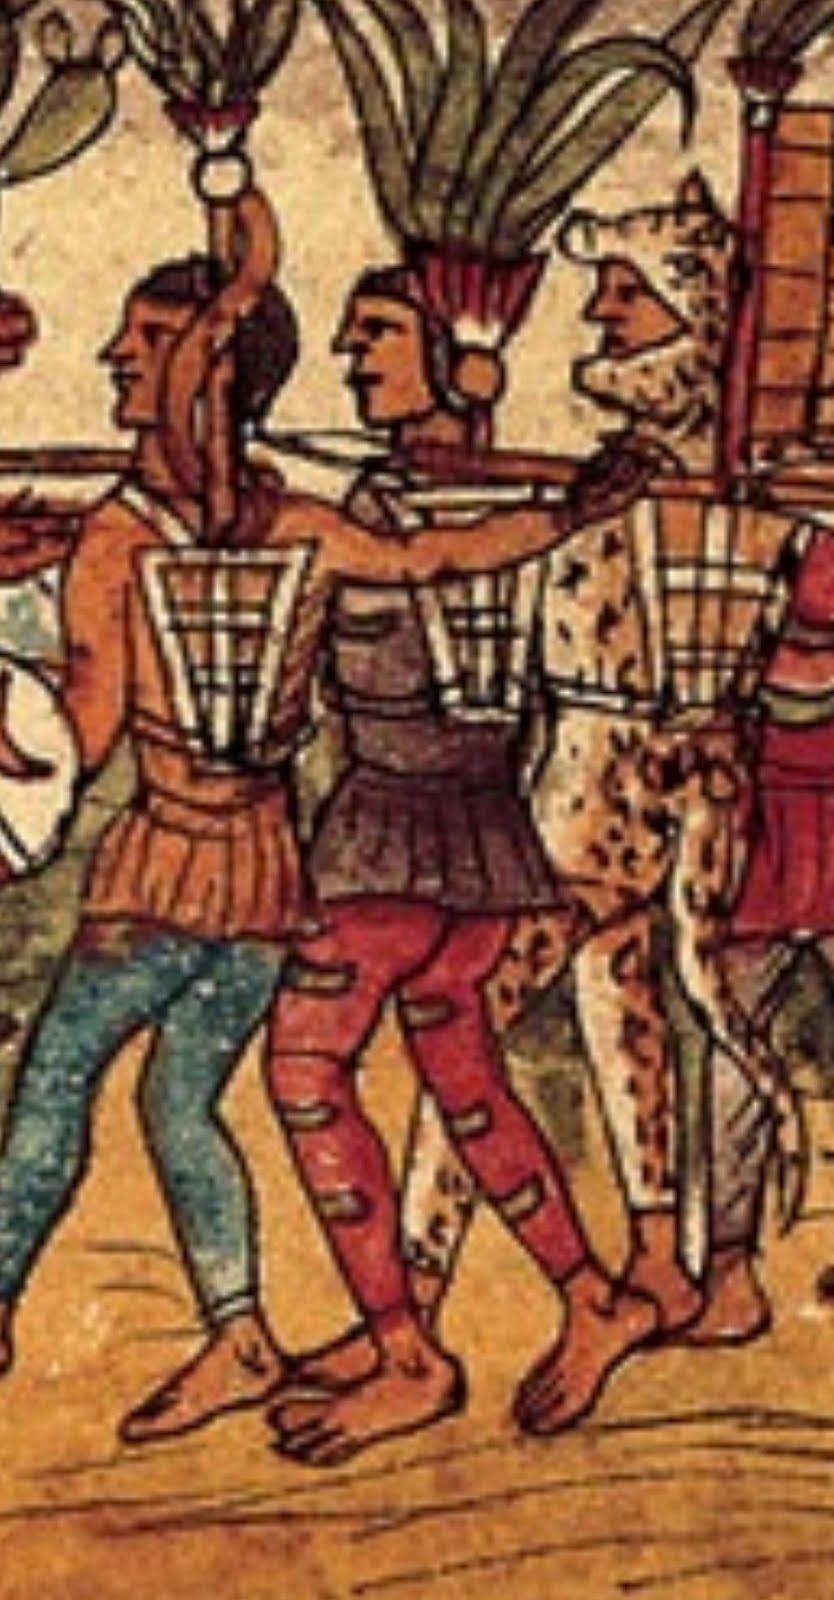 El aspecto letrado de Bernal Díaz del Castillo